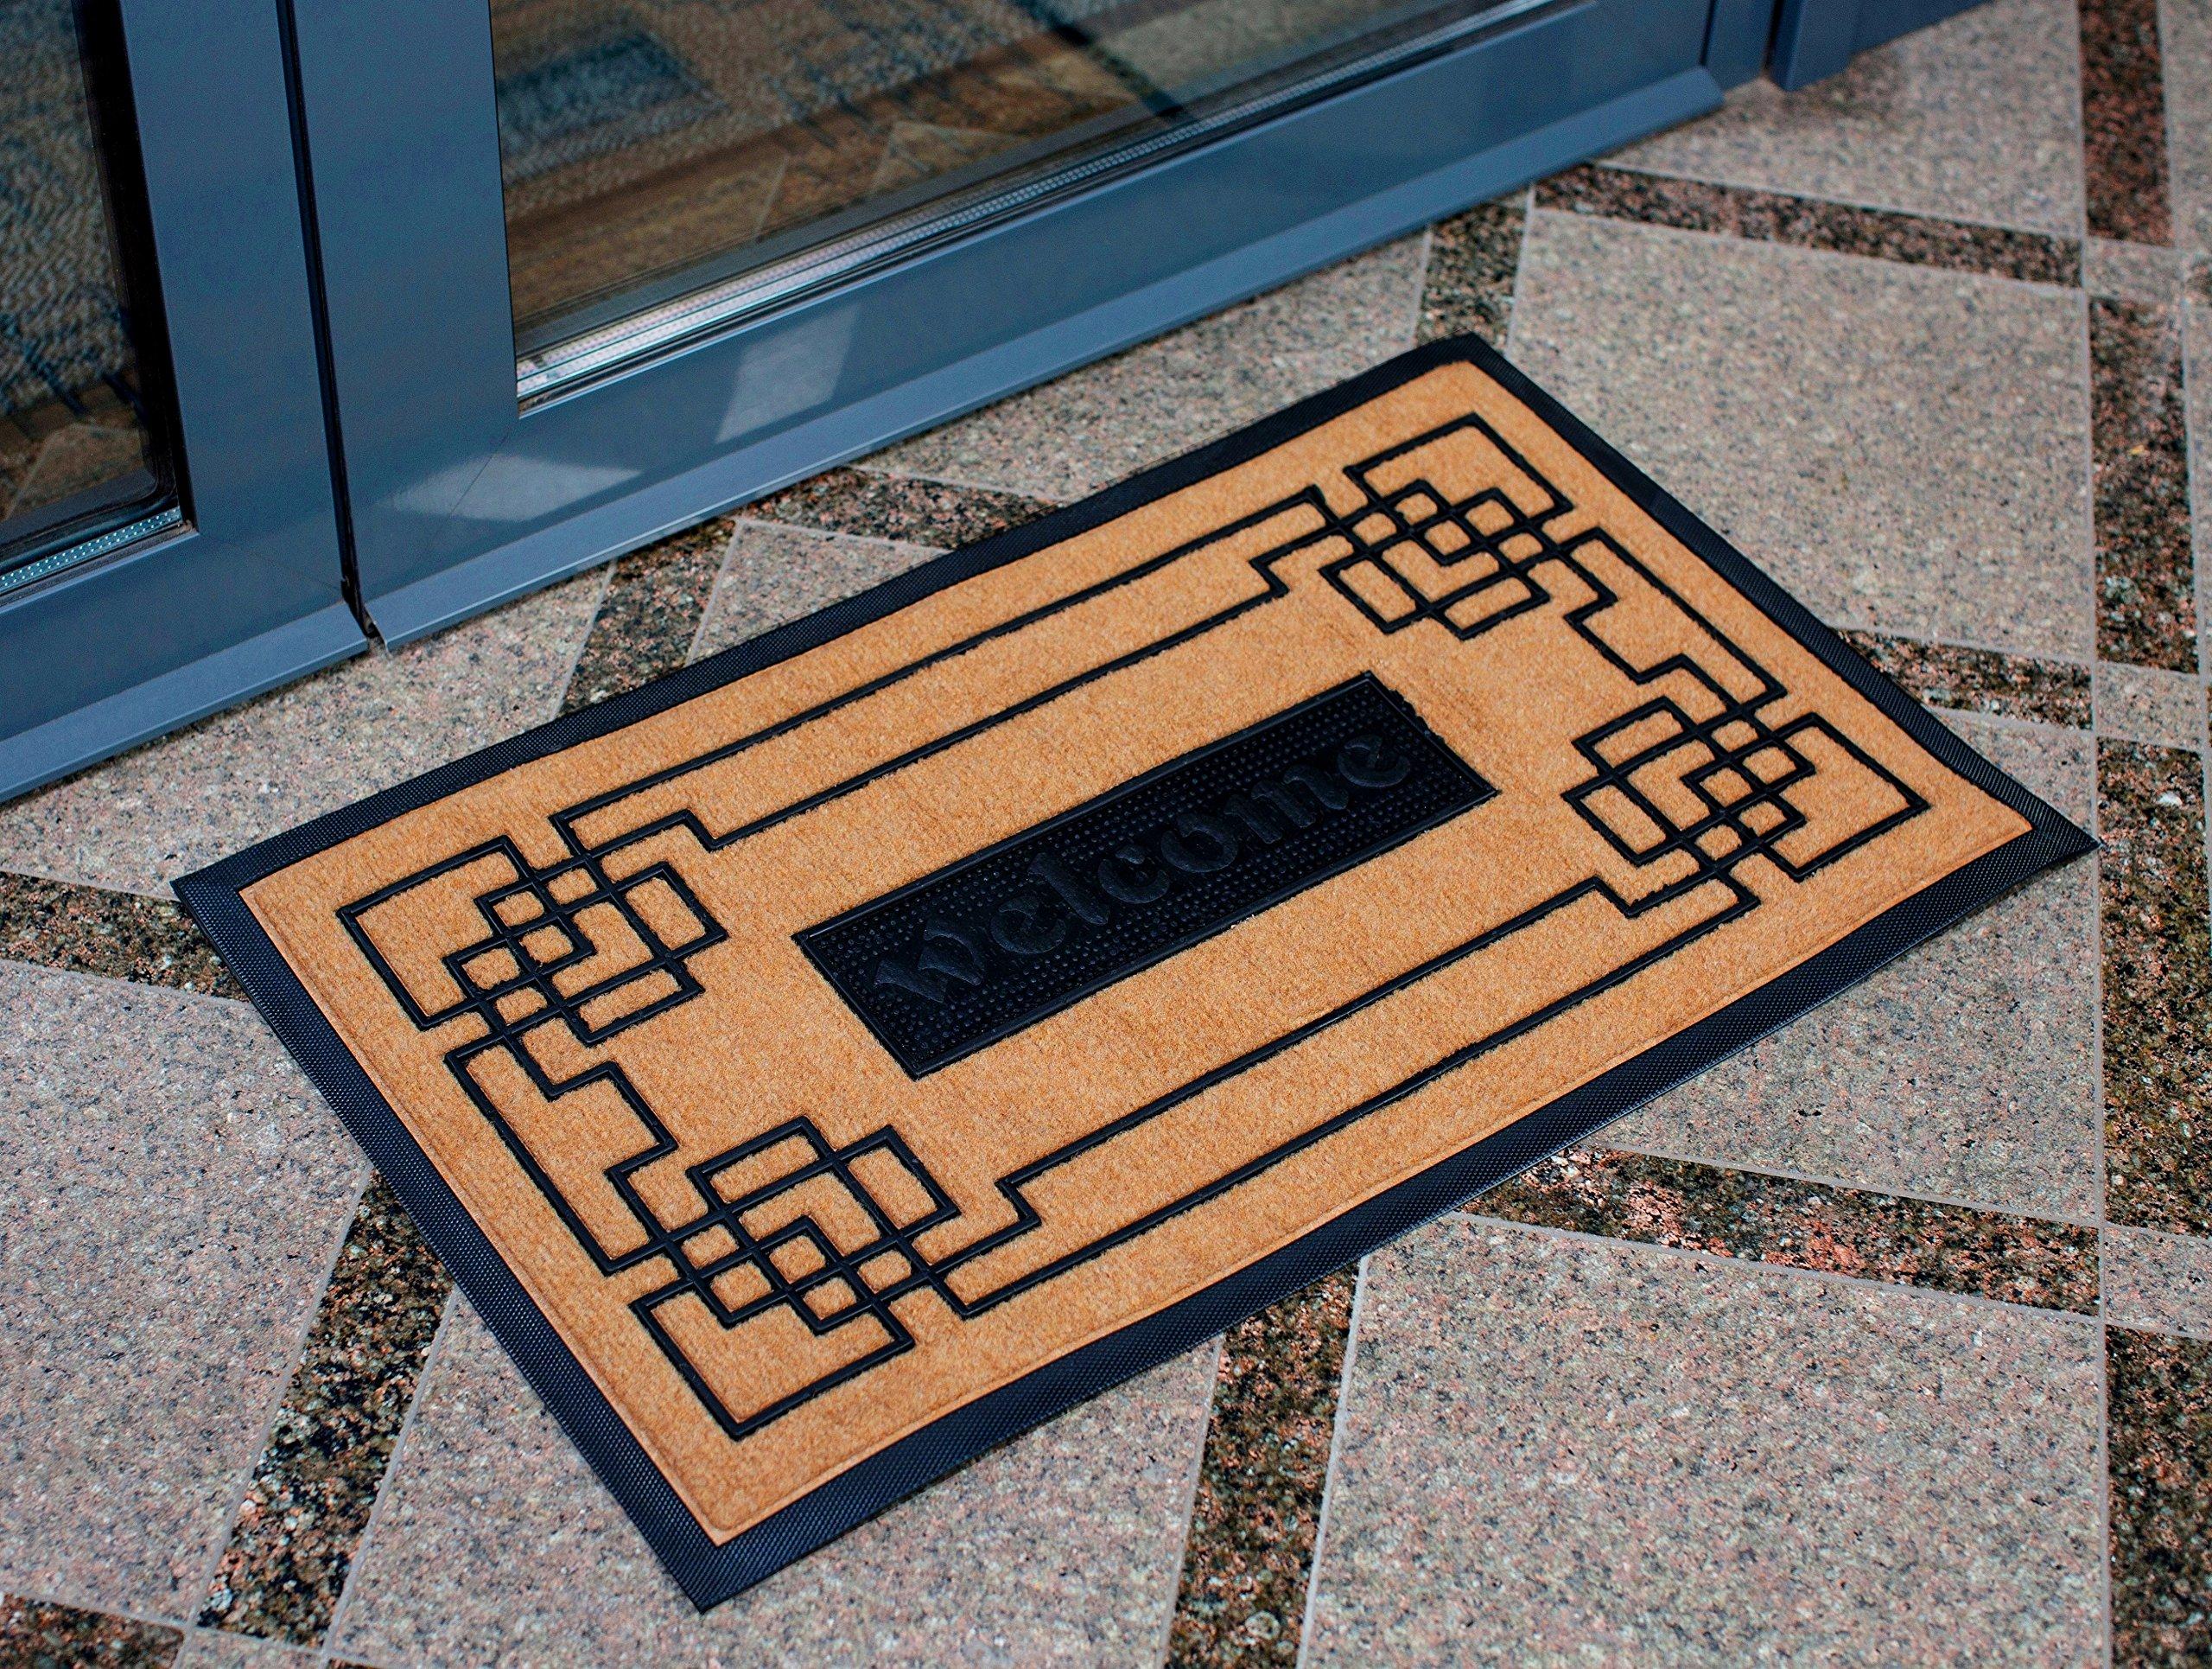 best slonser modern welcome mat  outdoor doormat x  -   best slonser modern welcome mat  outdoor doormat